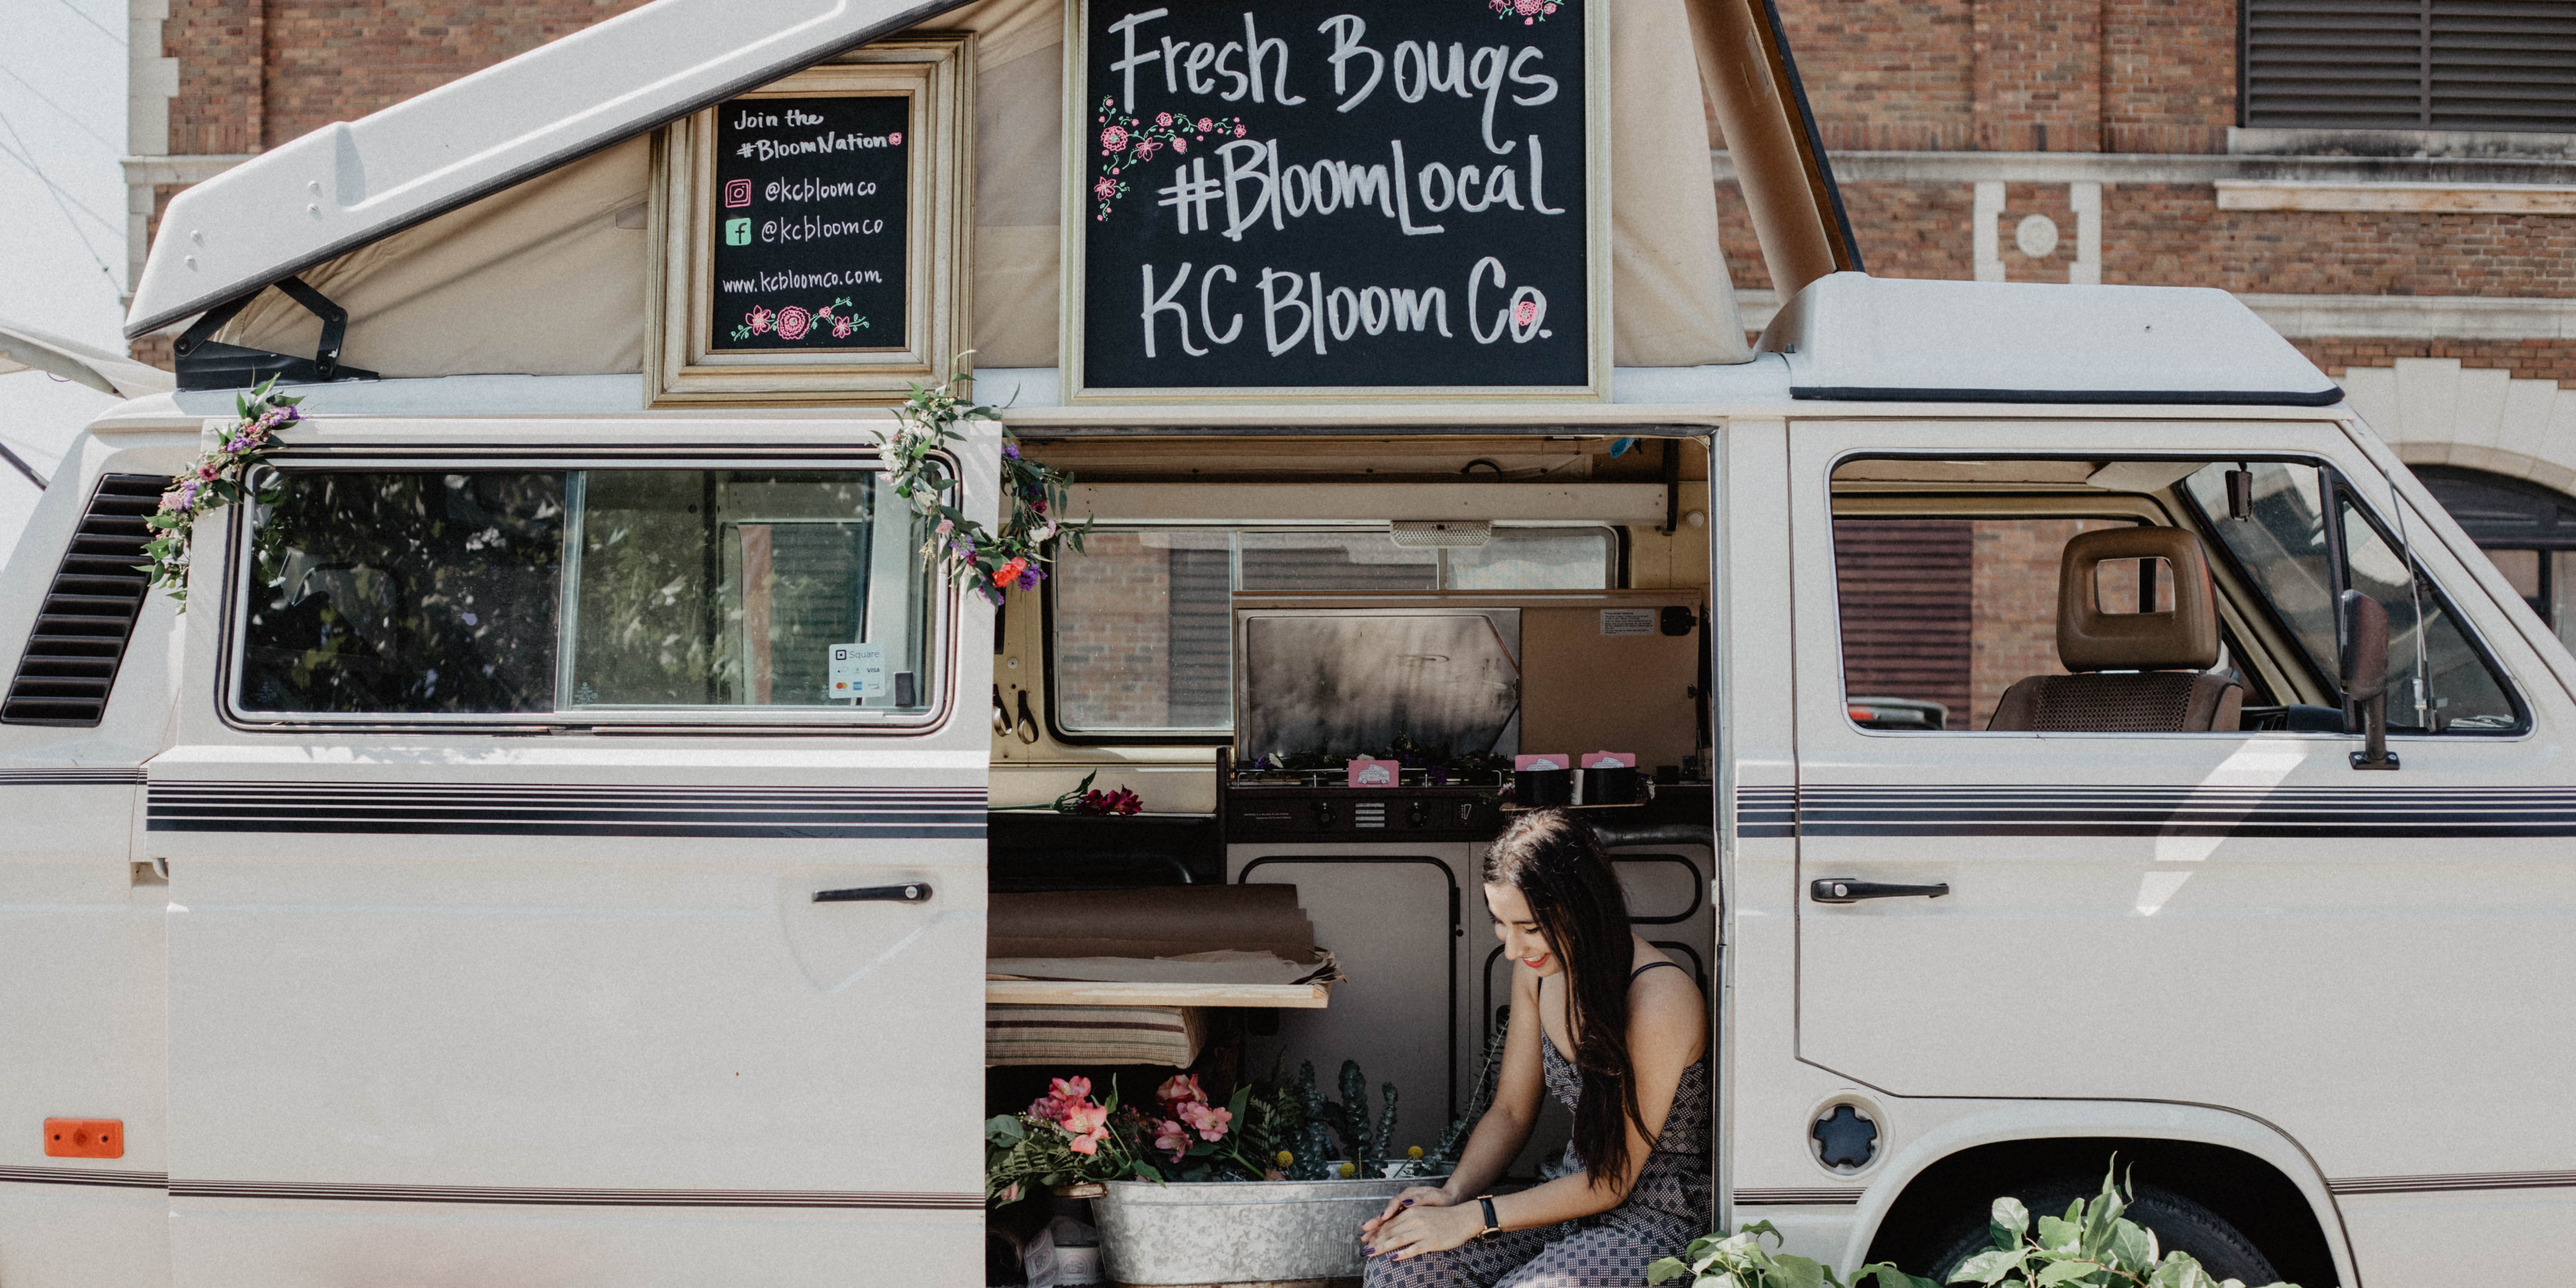 KC Bloom Co. VW Vanagon